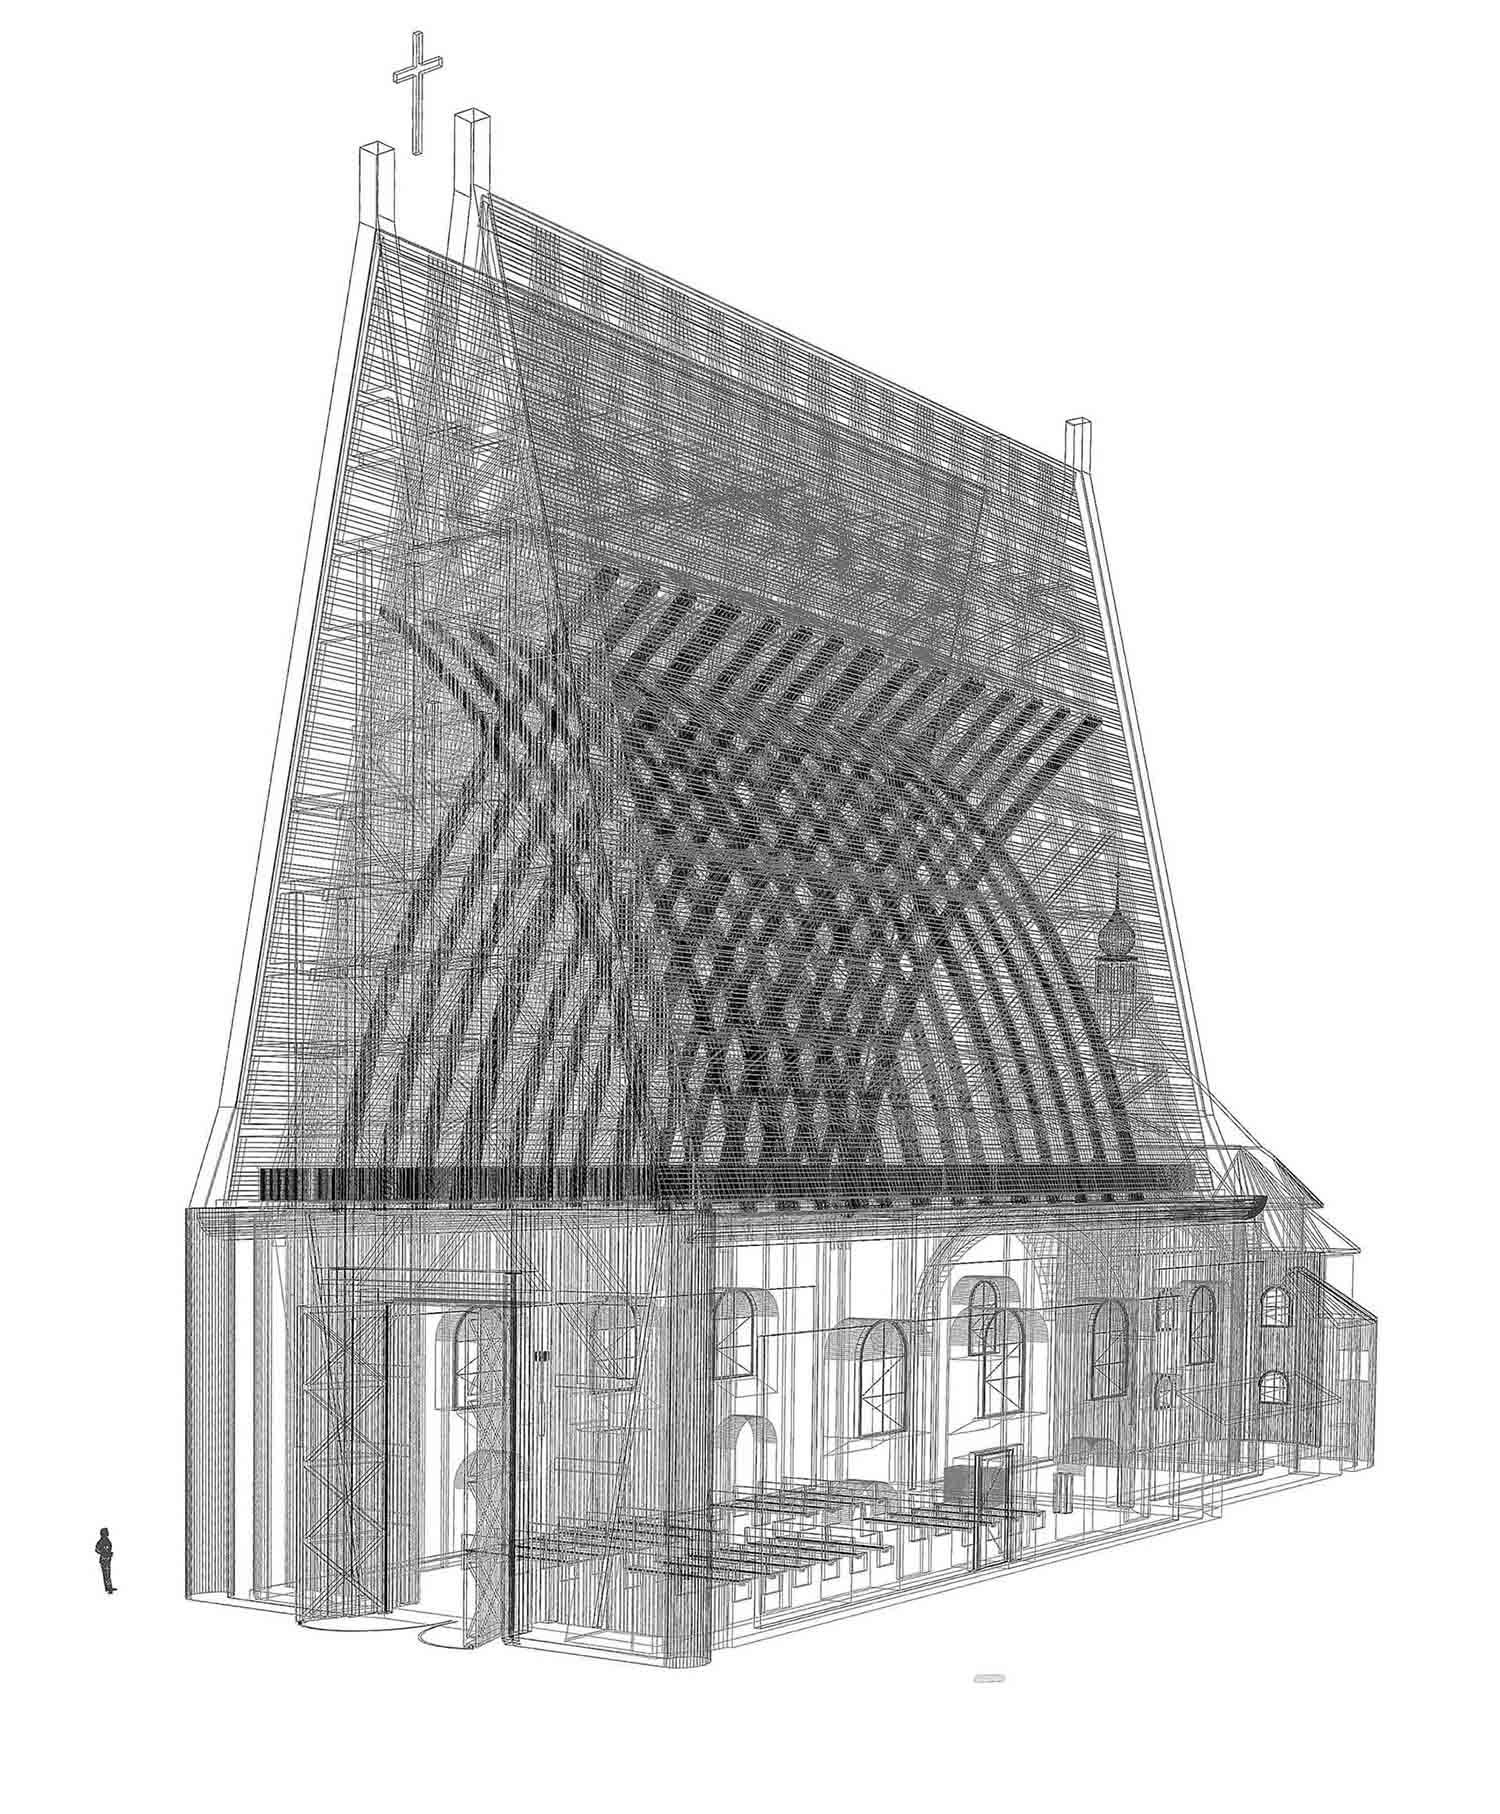 Kostel Panny Marie Dobré rady - čárový render konstrukčního systému. Autor: Kurz architekti